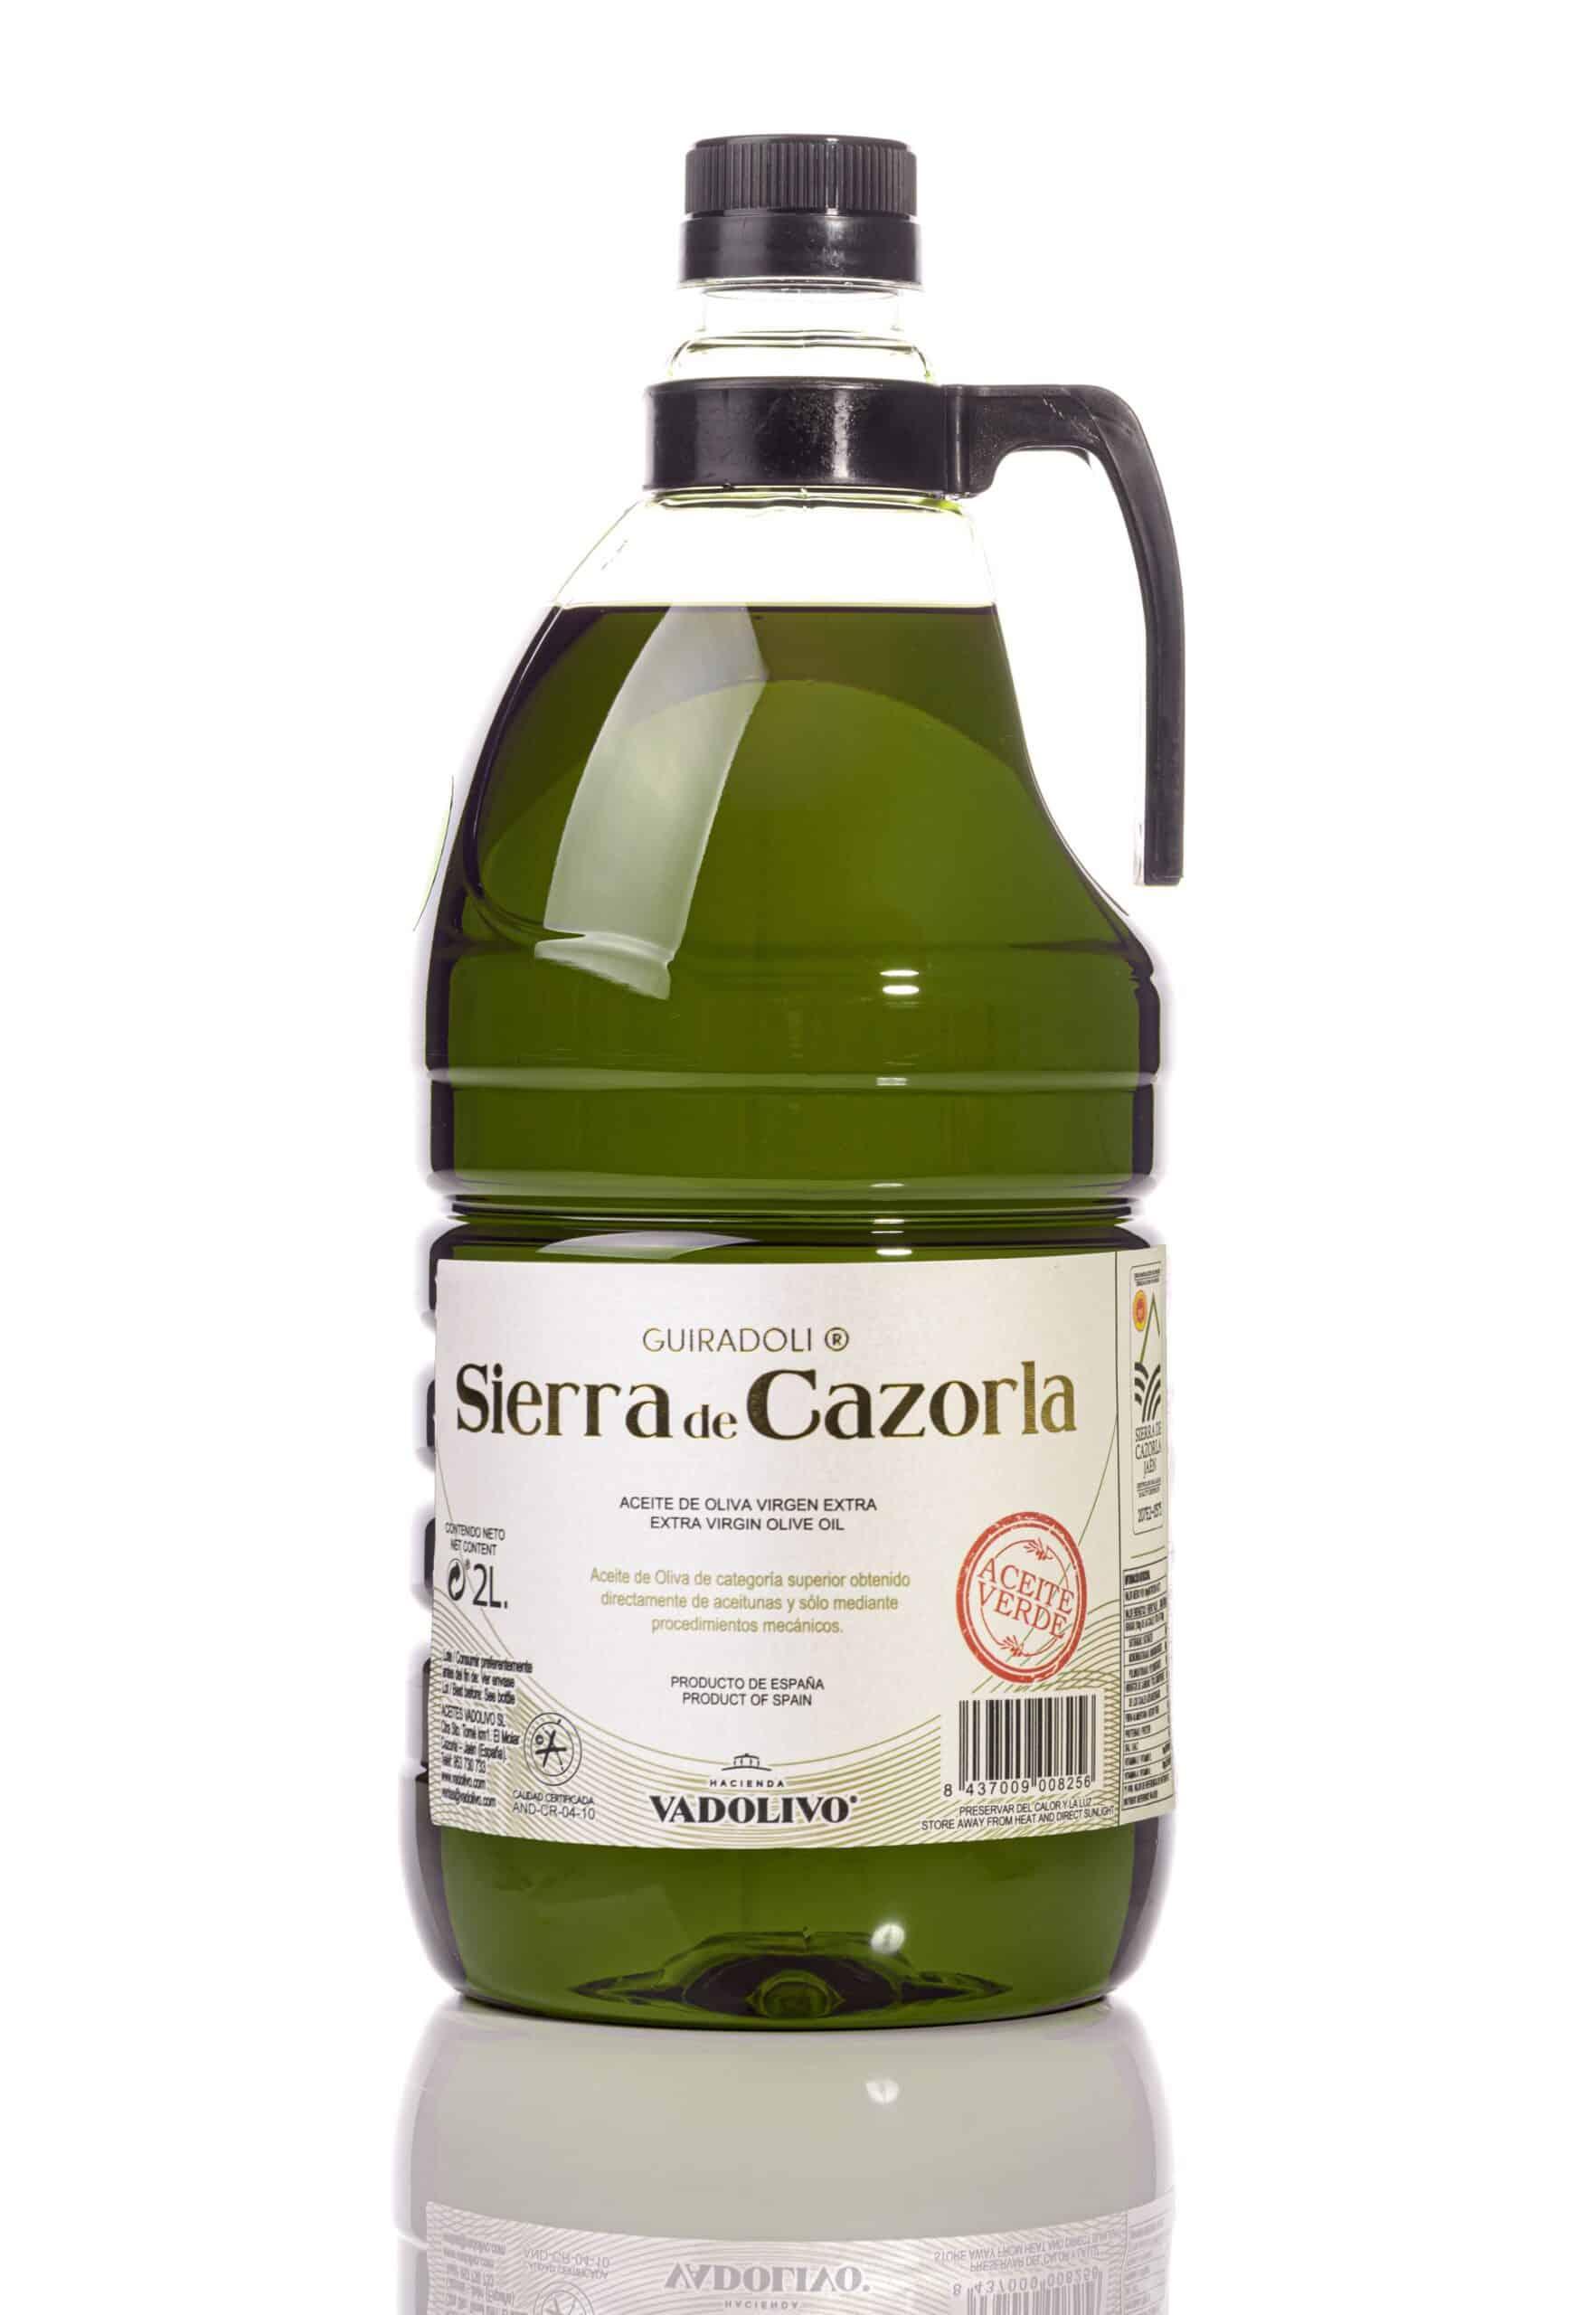 Guiradoli SIERRA CAZORLA Premium – Picual 2L